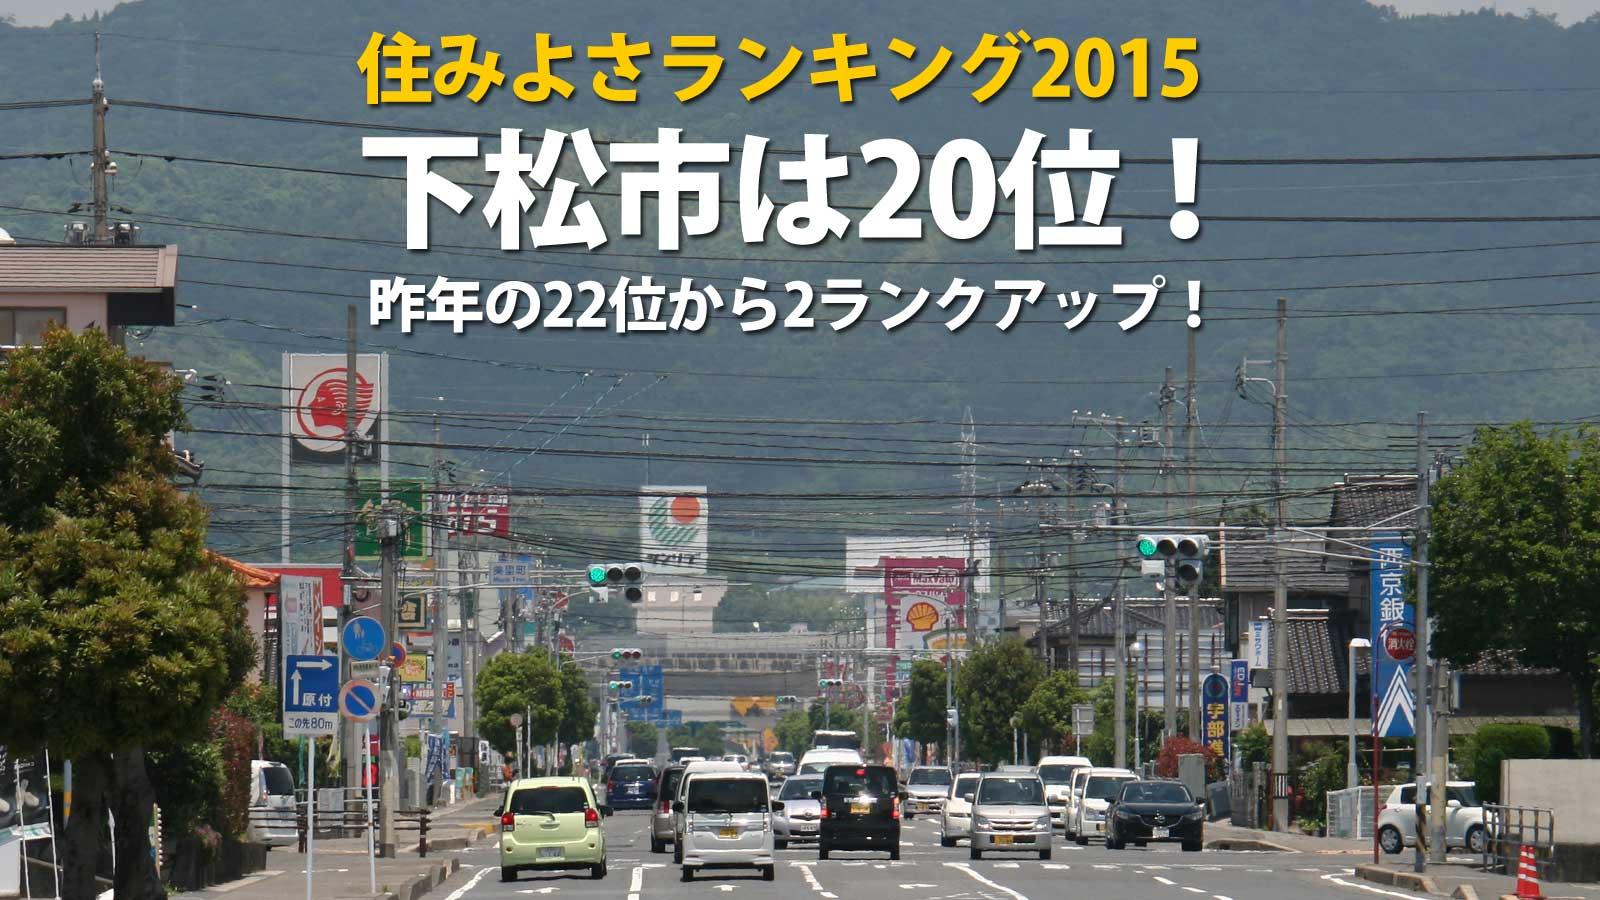 住みよさランキング2015 下松市は20位